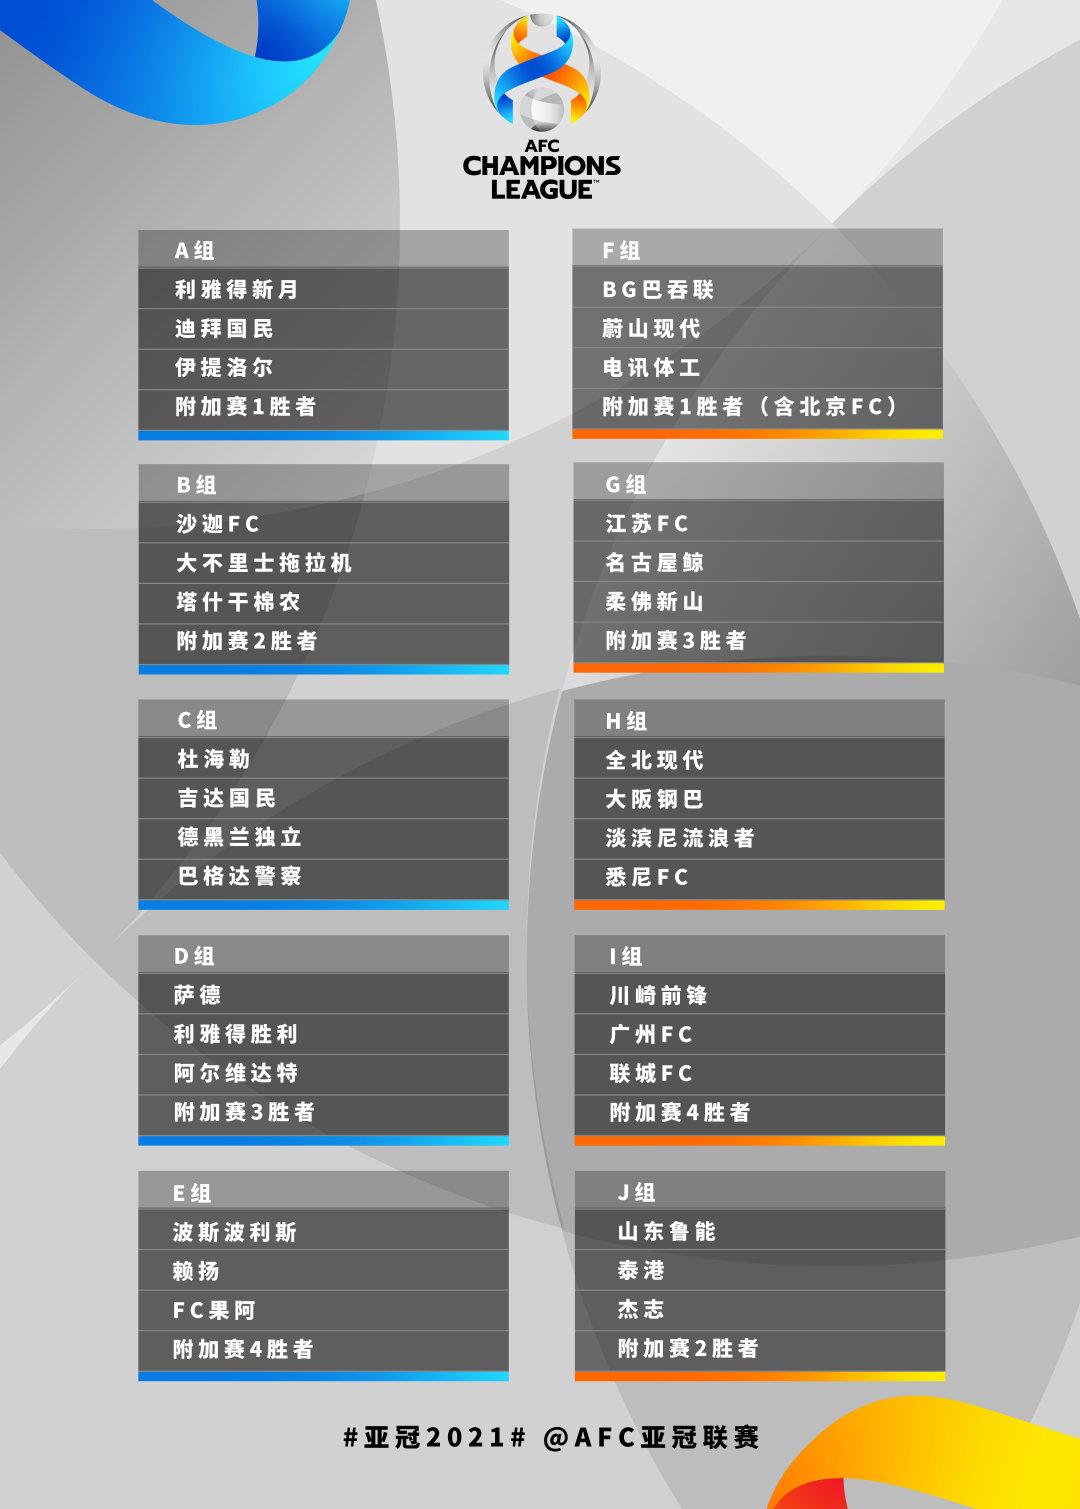 2021亚冠抽签结果出炉,扩军后小组竞争更激烈